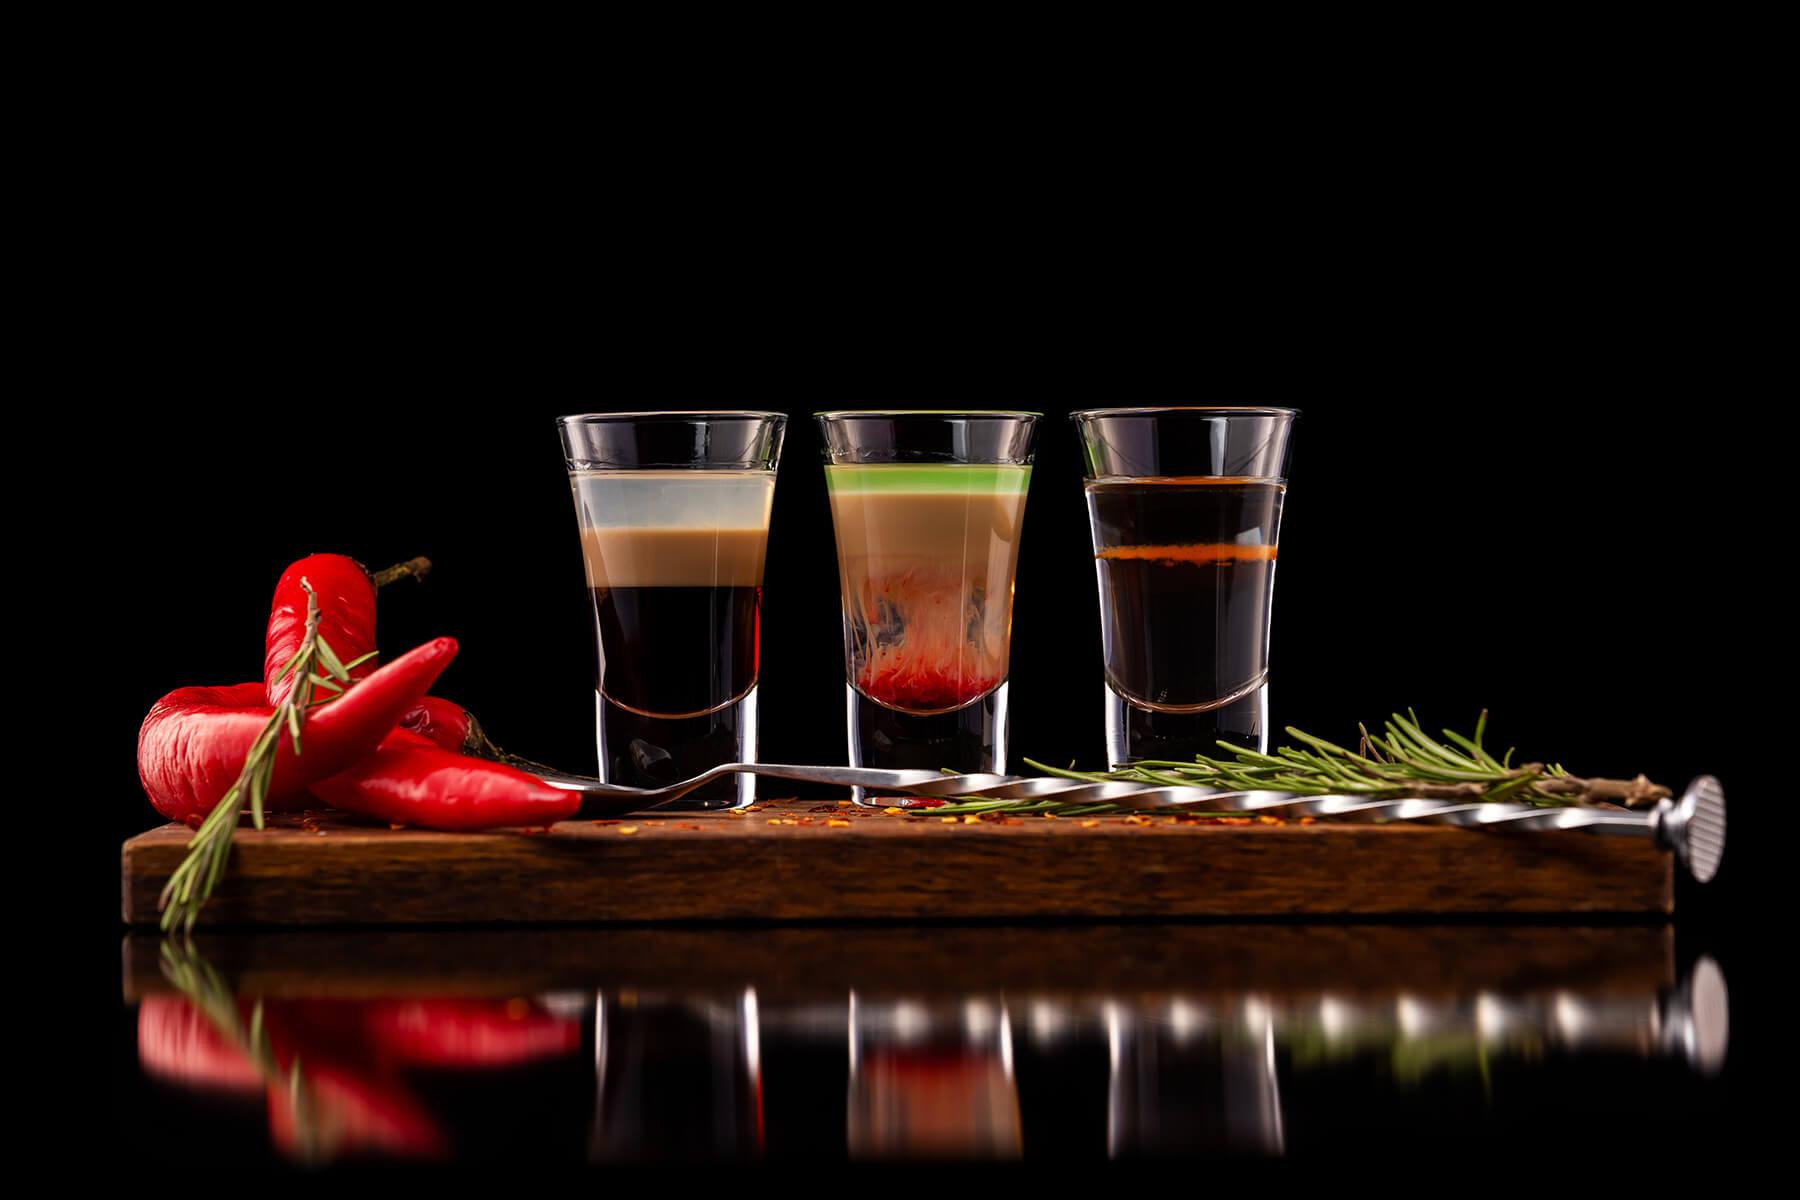 Restaurant branding image - blog image - chili pepper